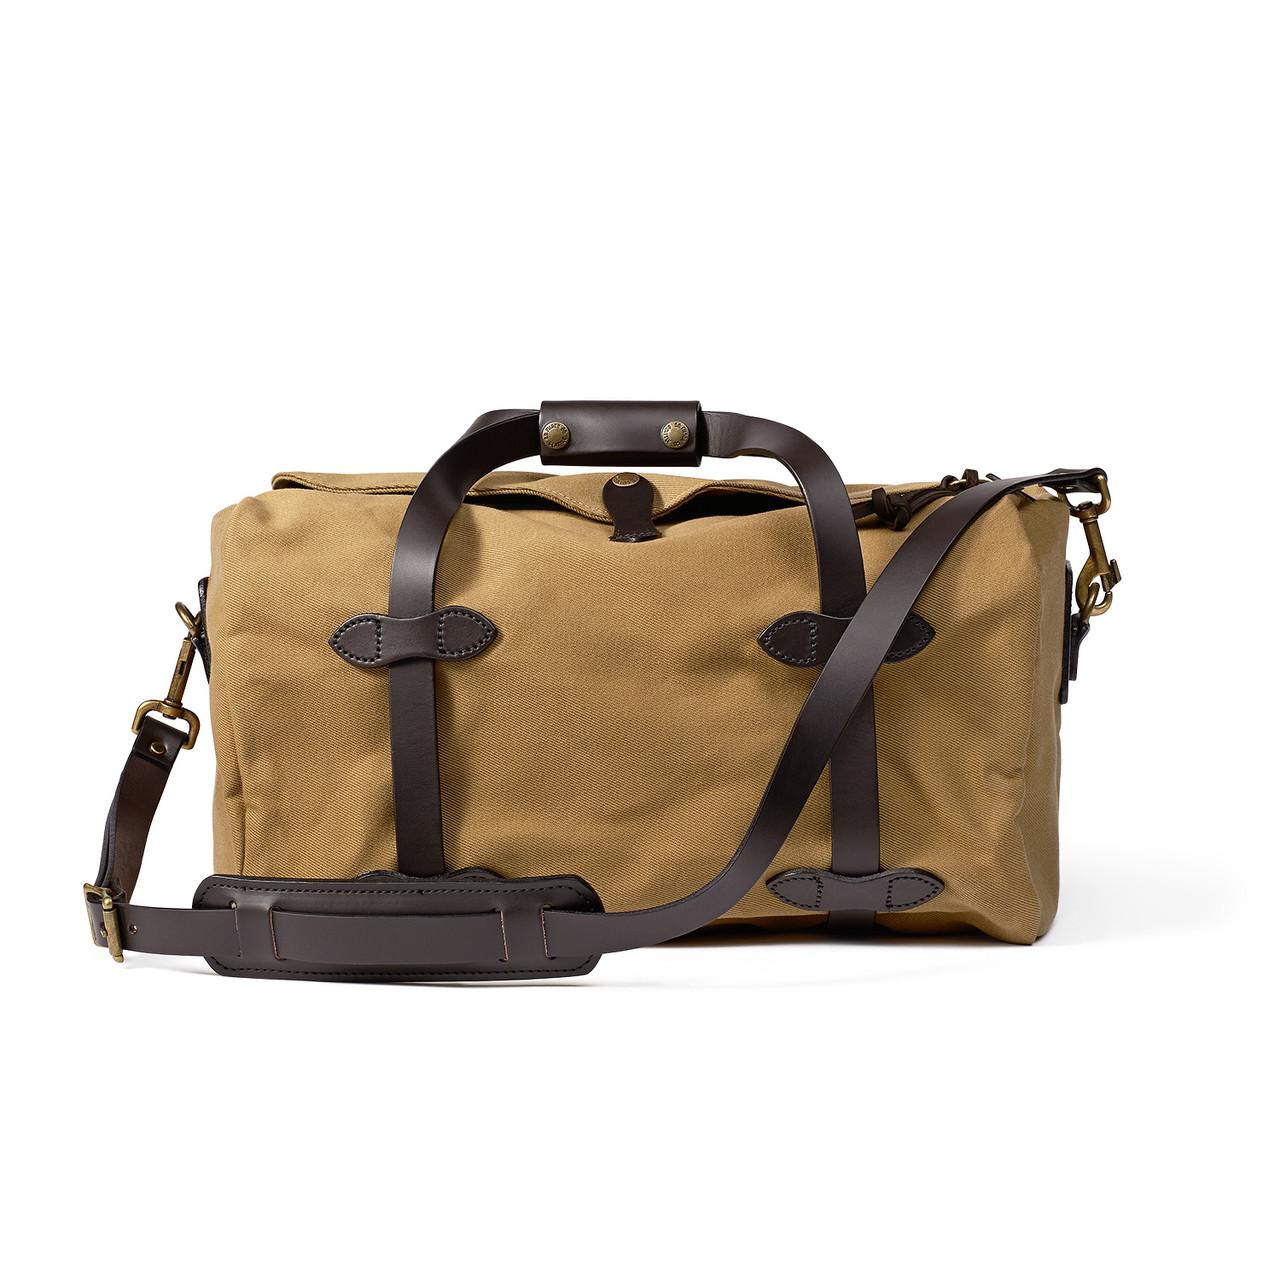 e40d585d1c48 Filson Small Duffle Bag - Tan - Craig Reagin Clothiers